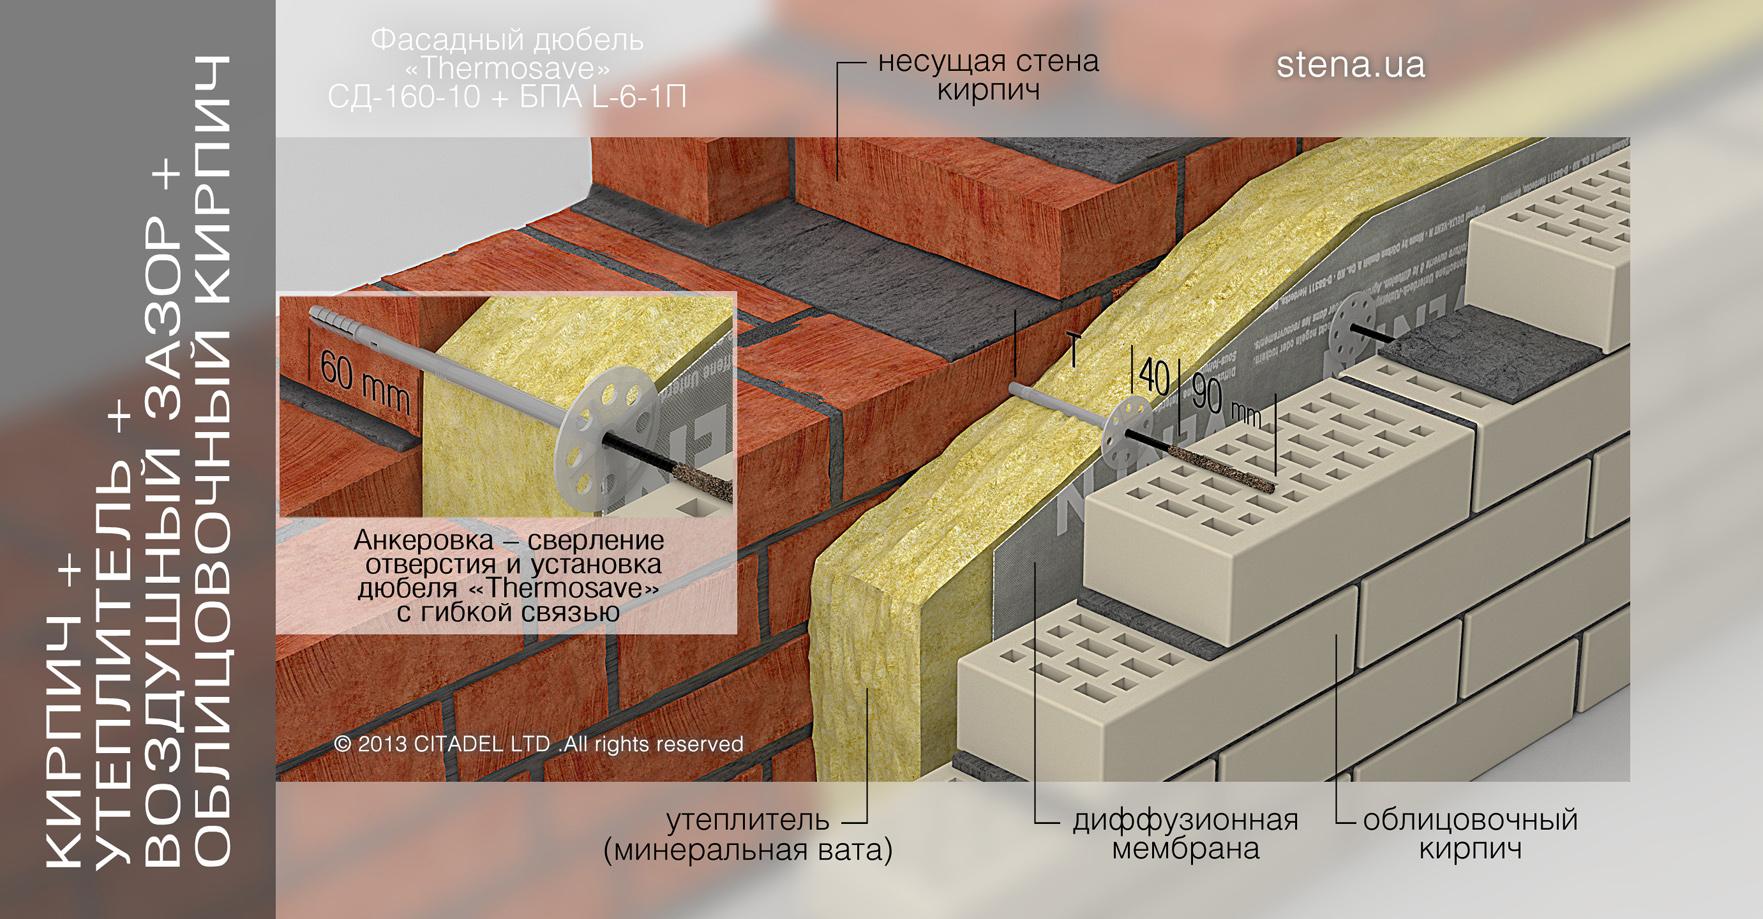 Фасадный дюбель «Thermosave» СД-160-10 + БПА L-6-1П: Кирпич + Утеплитель + Воздушный зазор + Облицовочный кирпич